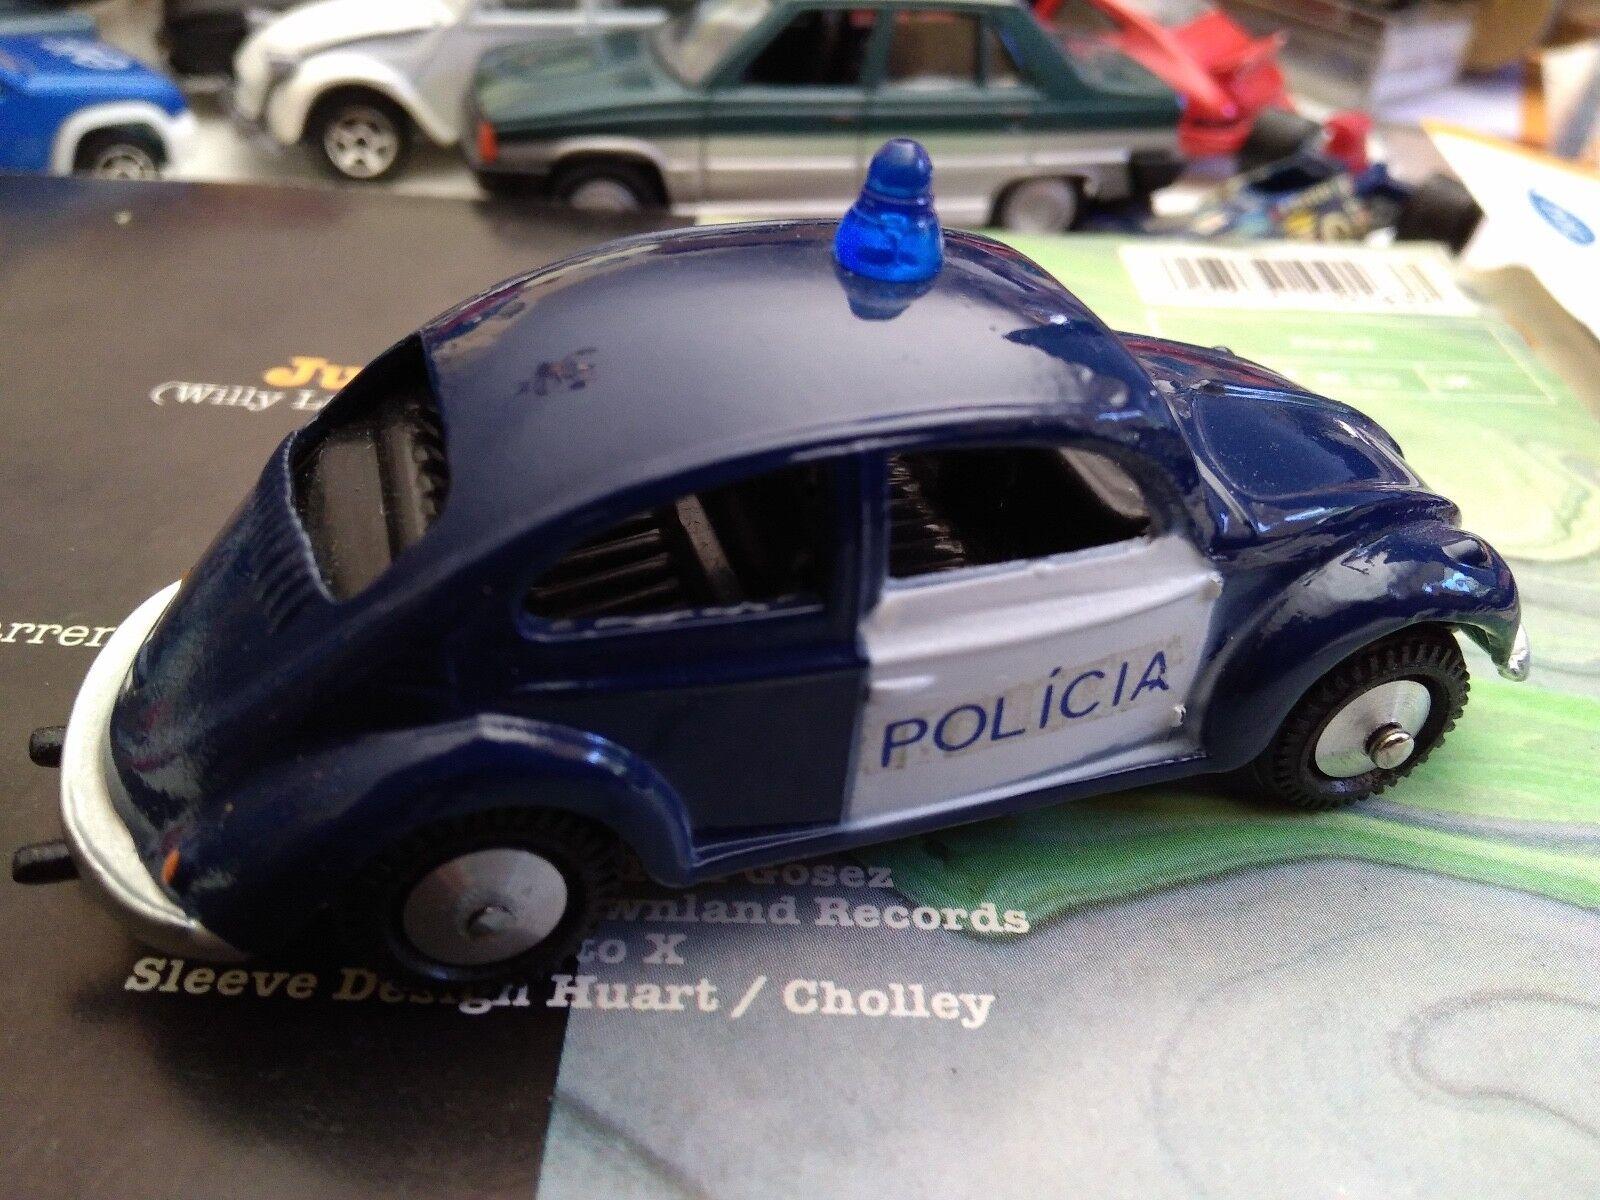 METOSUL  1 43 VOLKSWAGEN BEETLE POLICIA SUPERBE